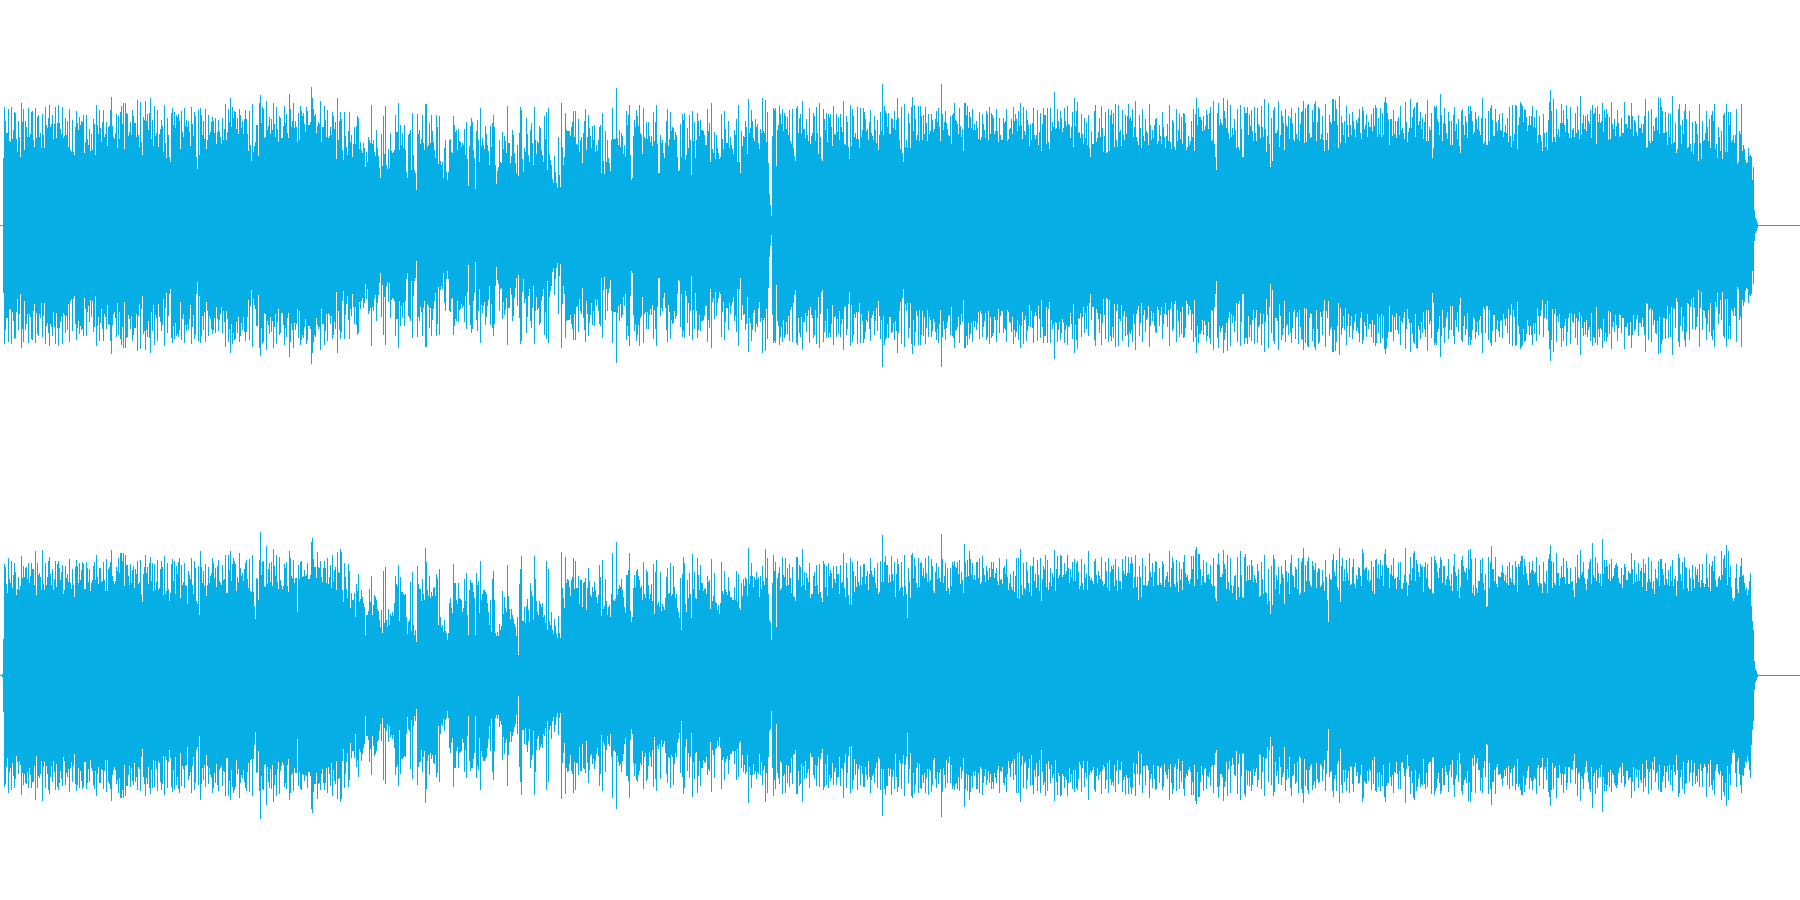 ブライダル永遠 80年代風フォークロックの再生済みの波形